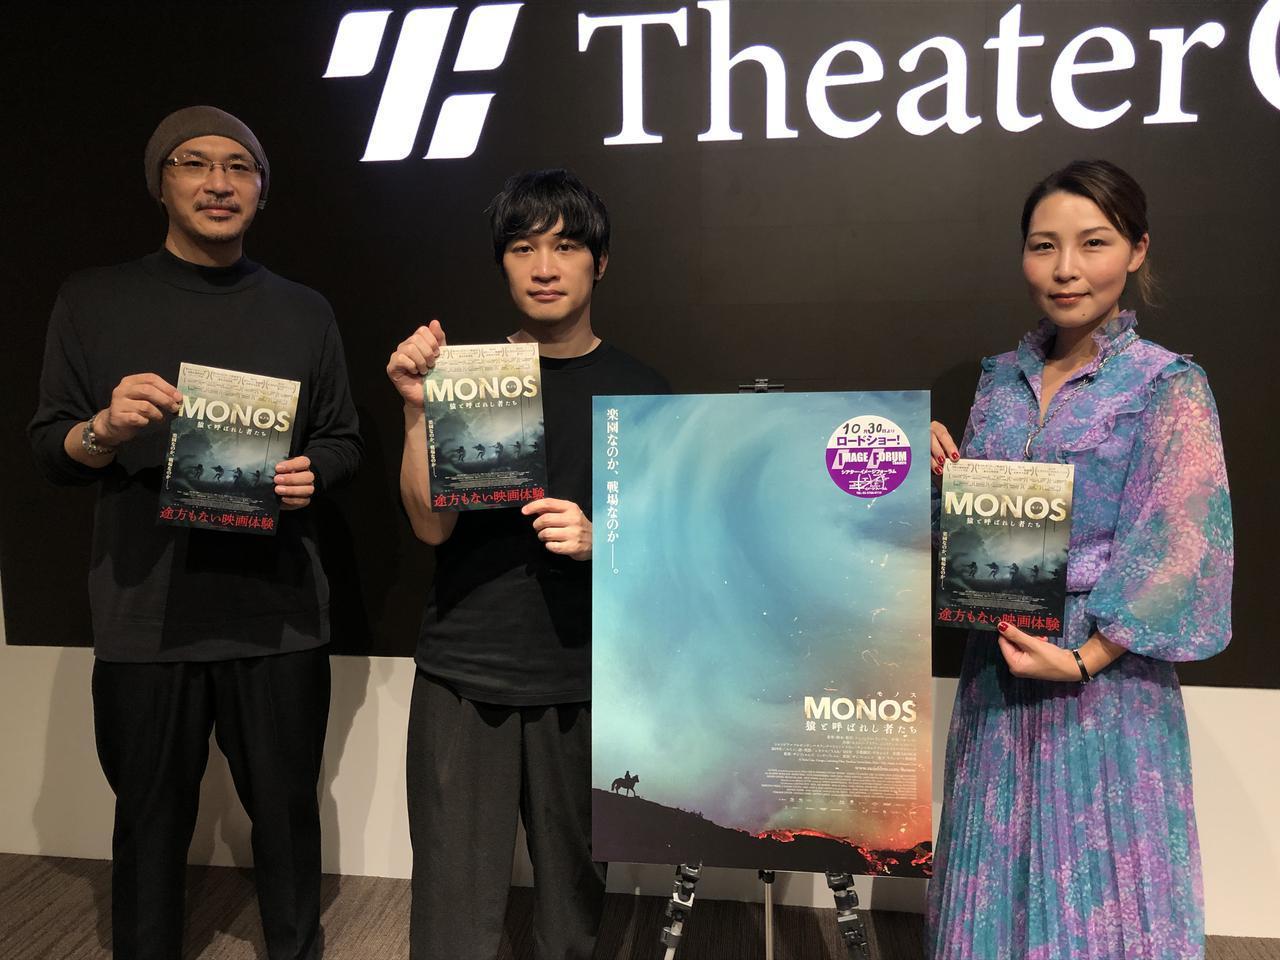 画像: 左より、森直人さん、小出祐介さん、世武裕子さん